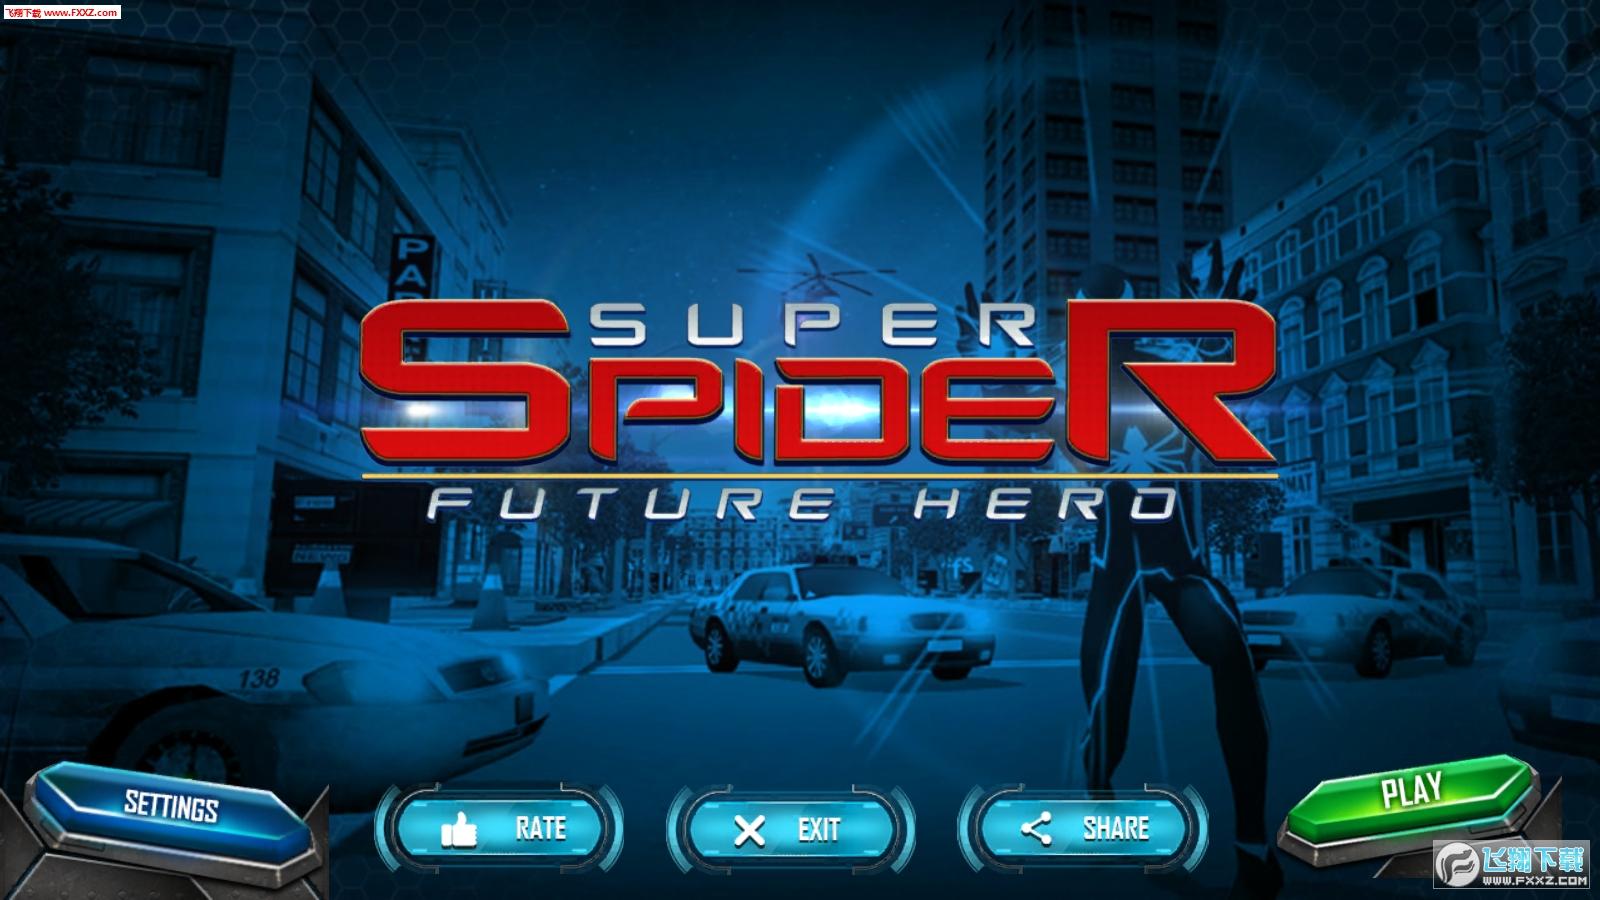 蜘蛛侠打斗免费手游1.1截图0